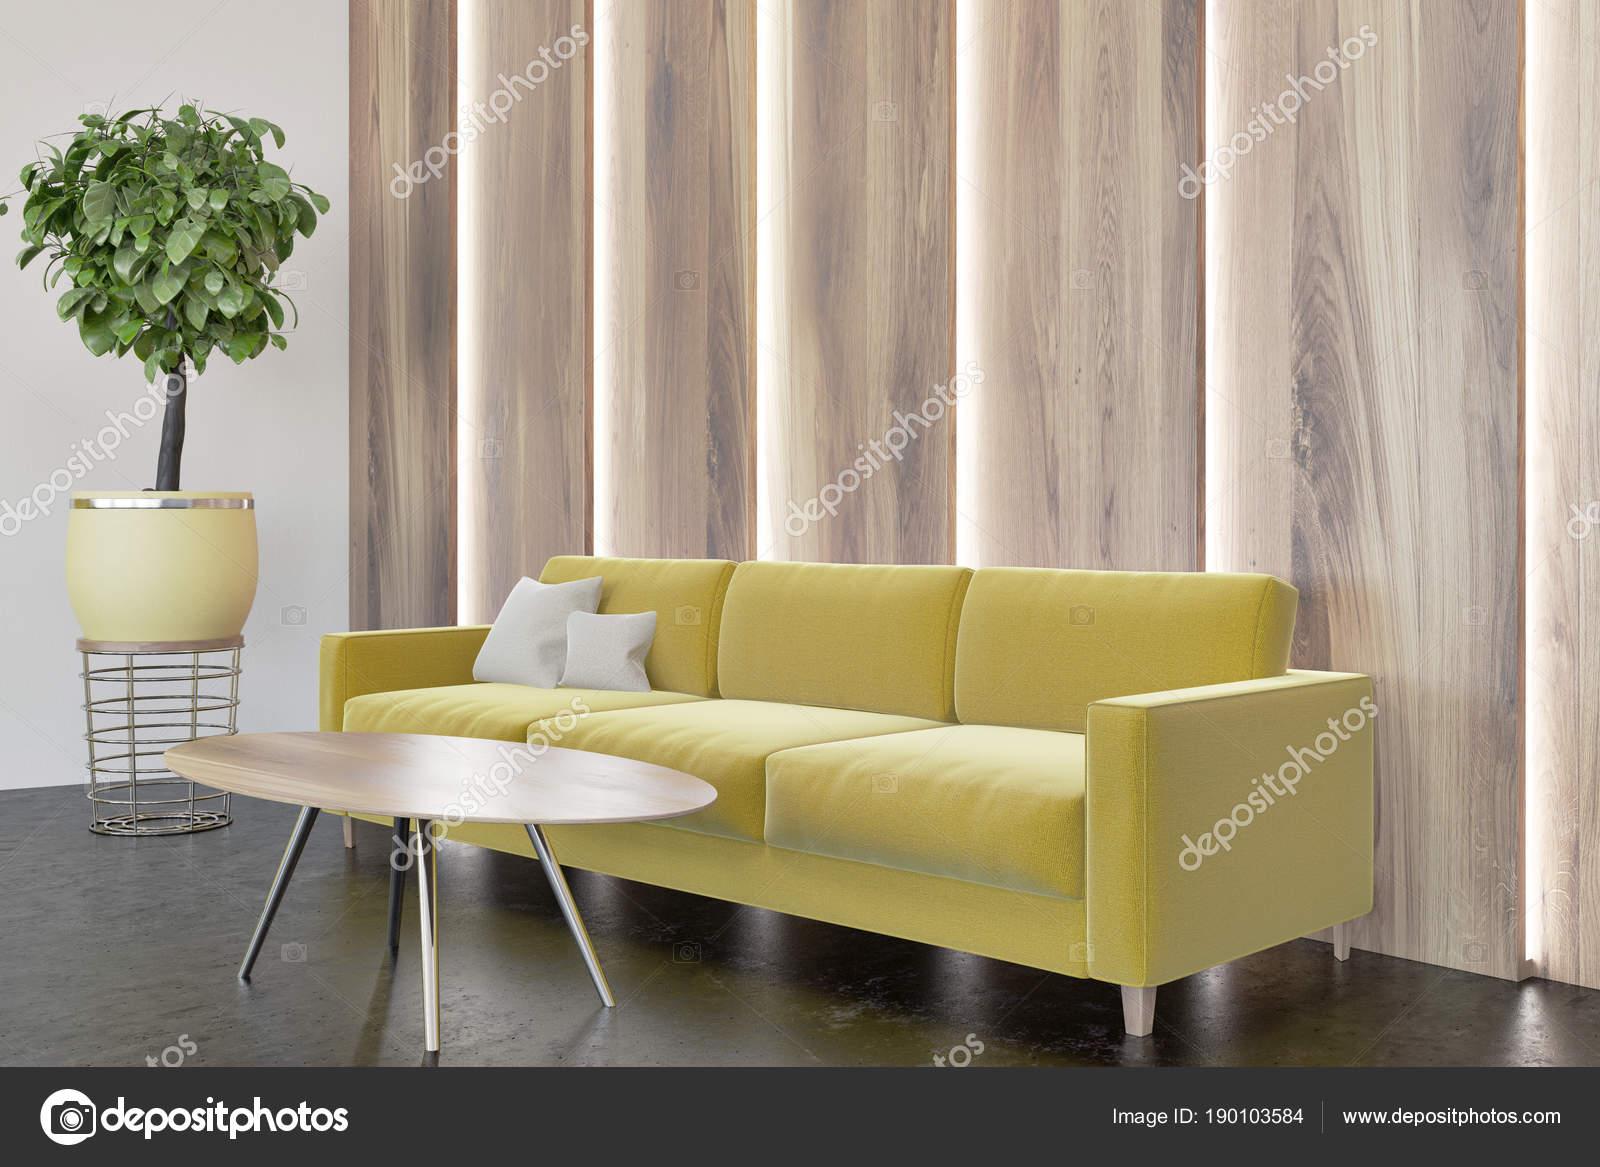 Ufficio Bianco E Legno : Bianco e legno ufficio sala d attesa divano u foto stock